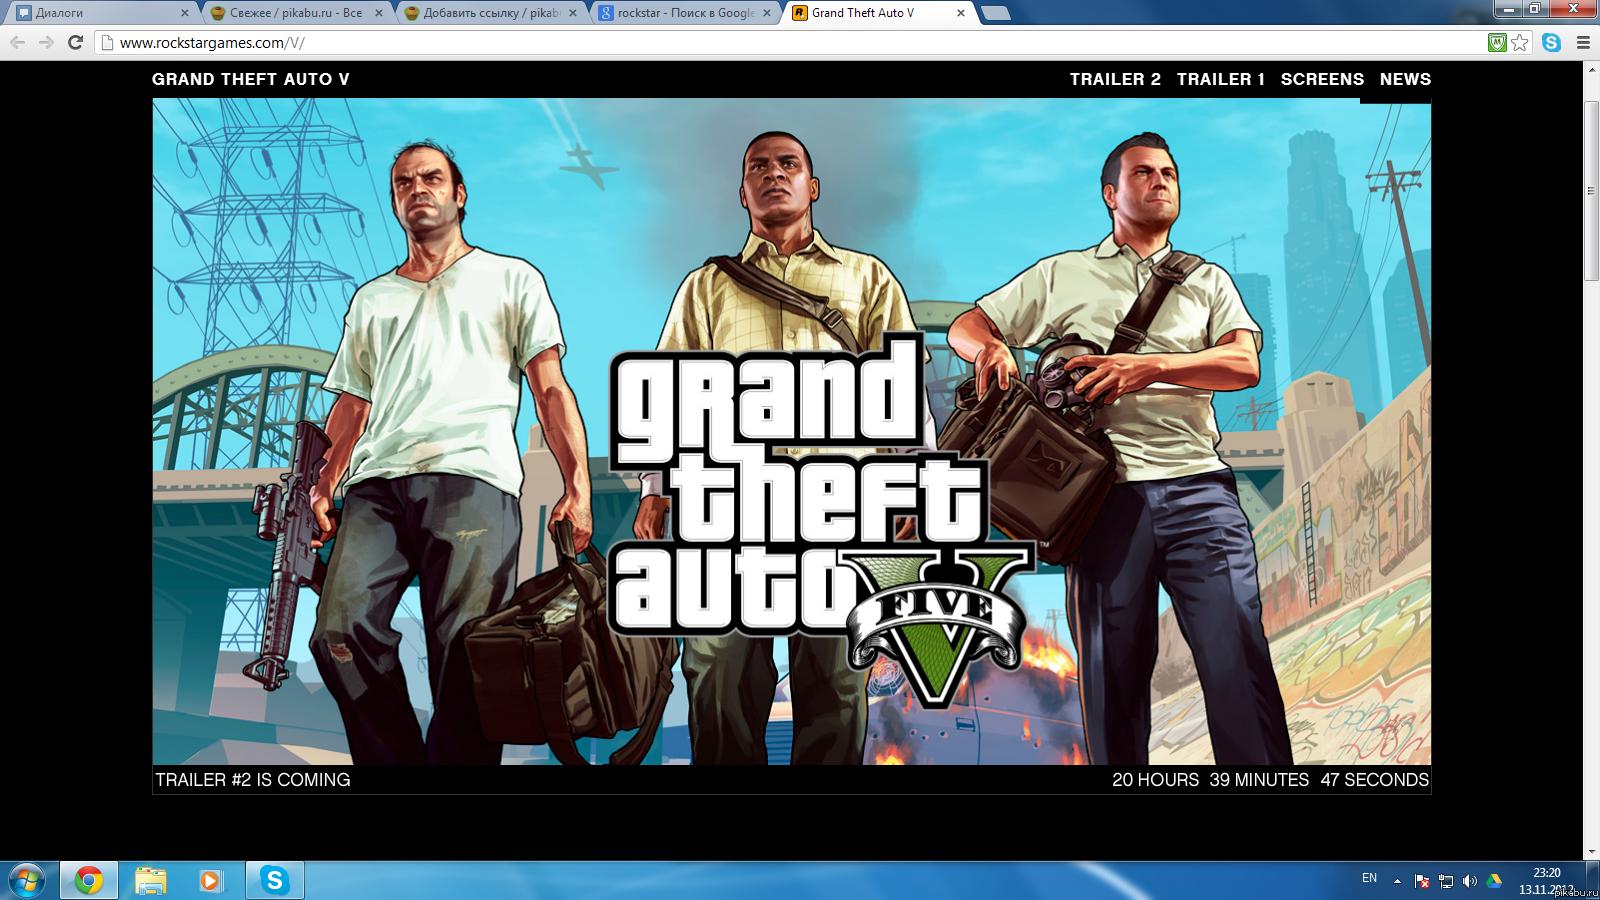 Nem por cima do meu cadaver online legendado the game